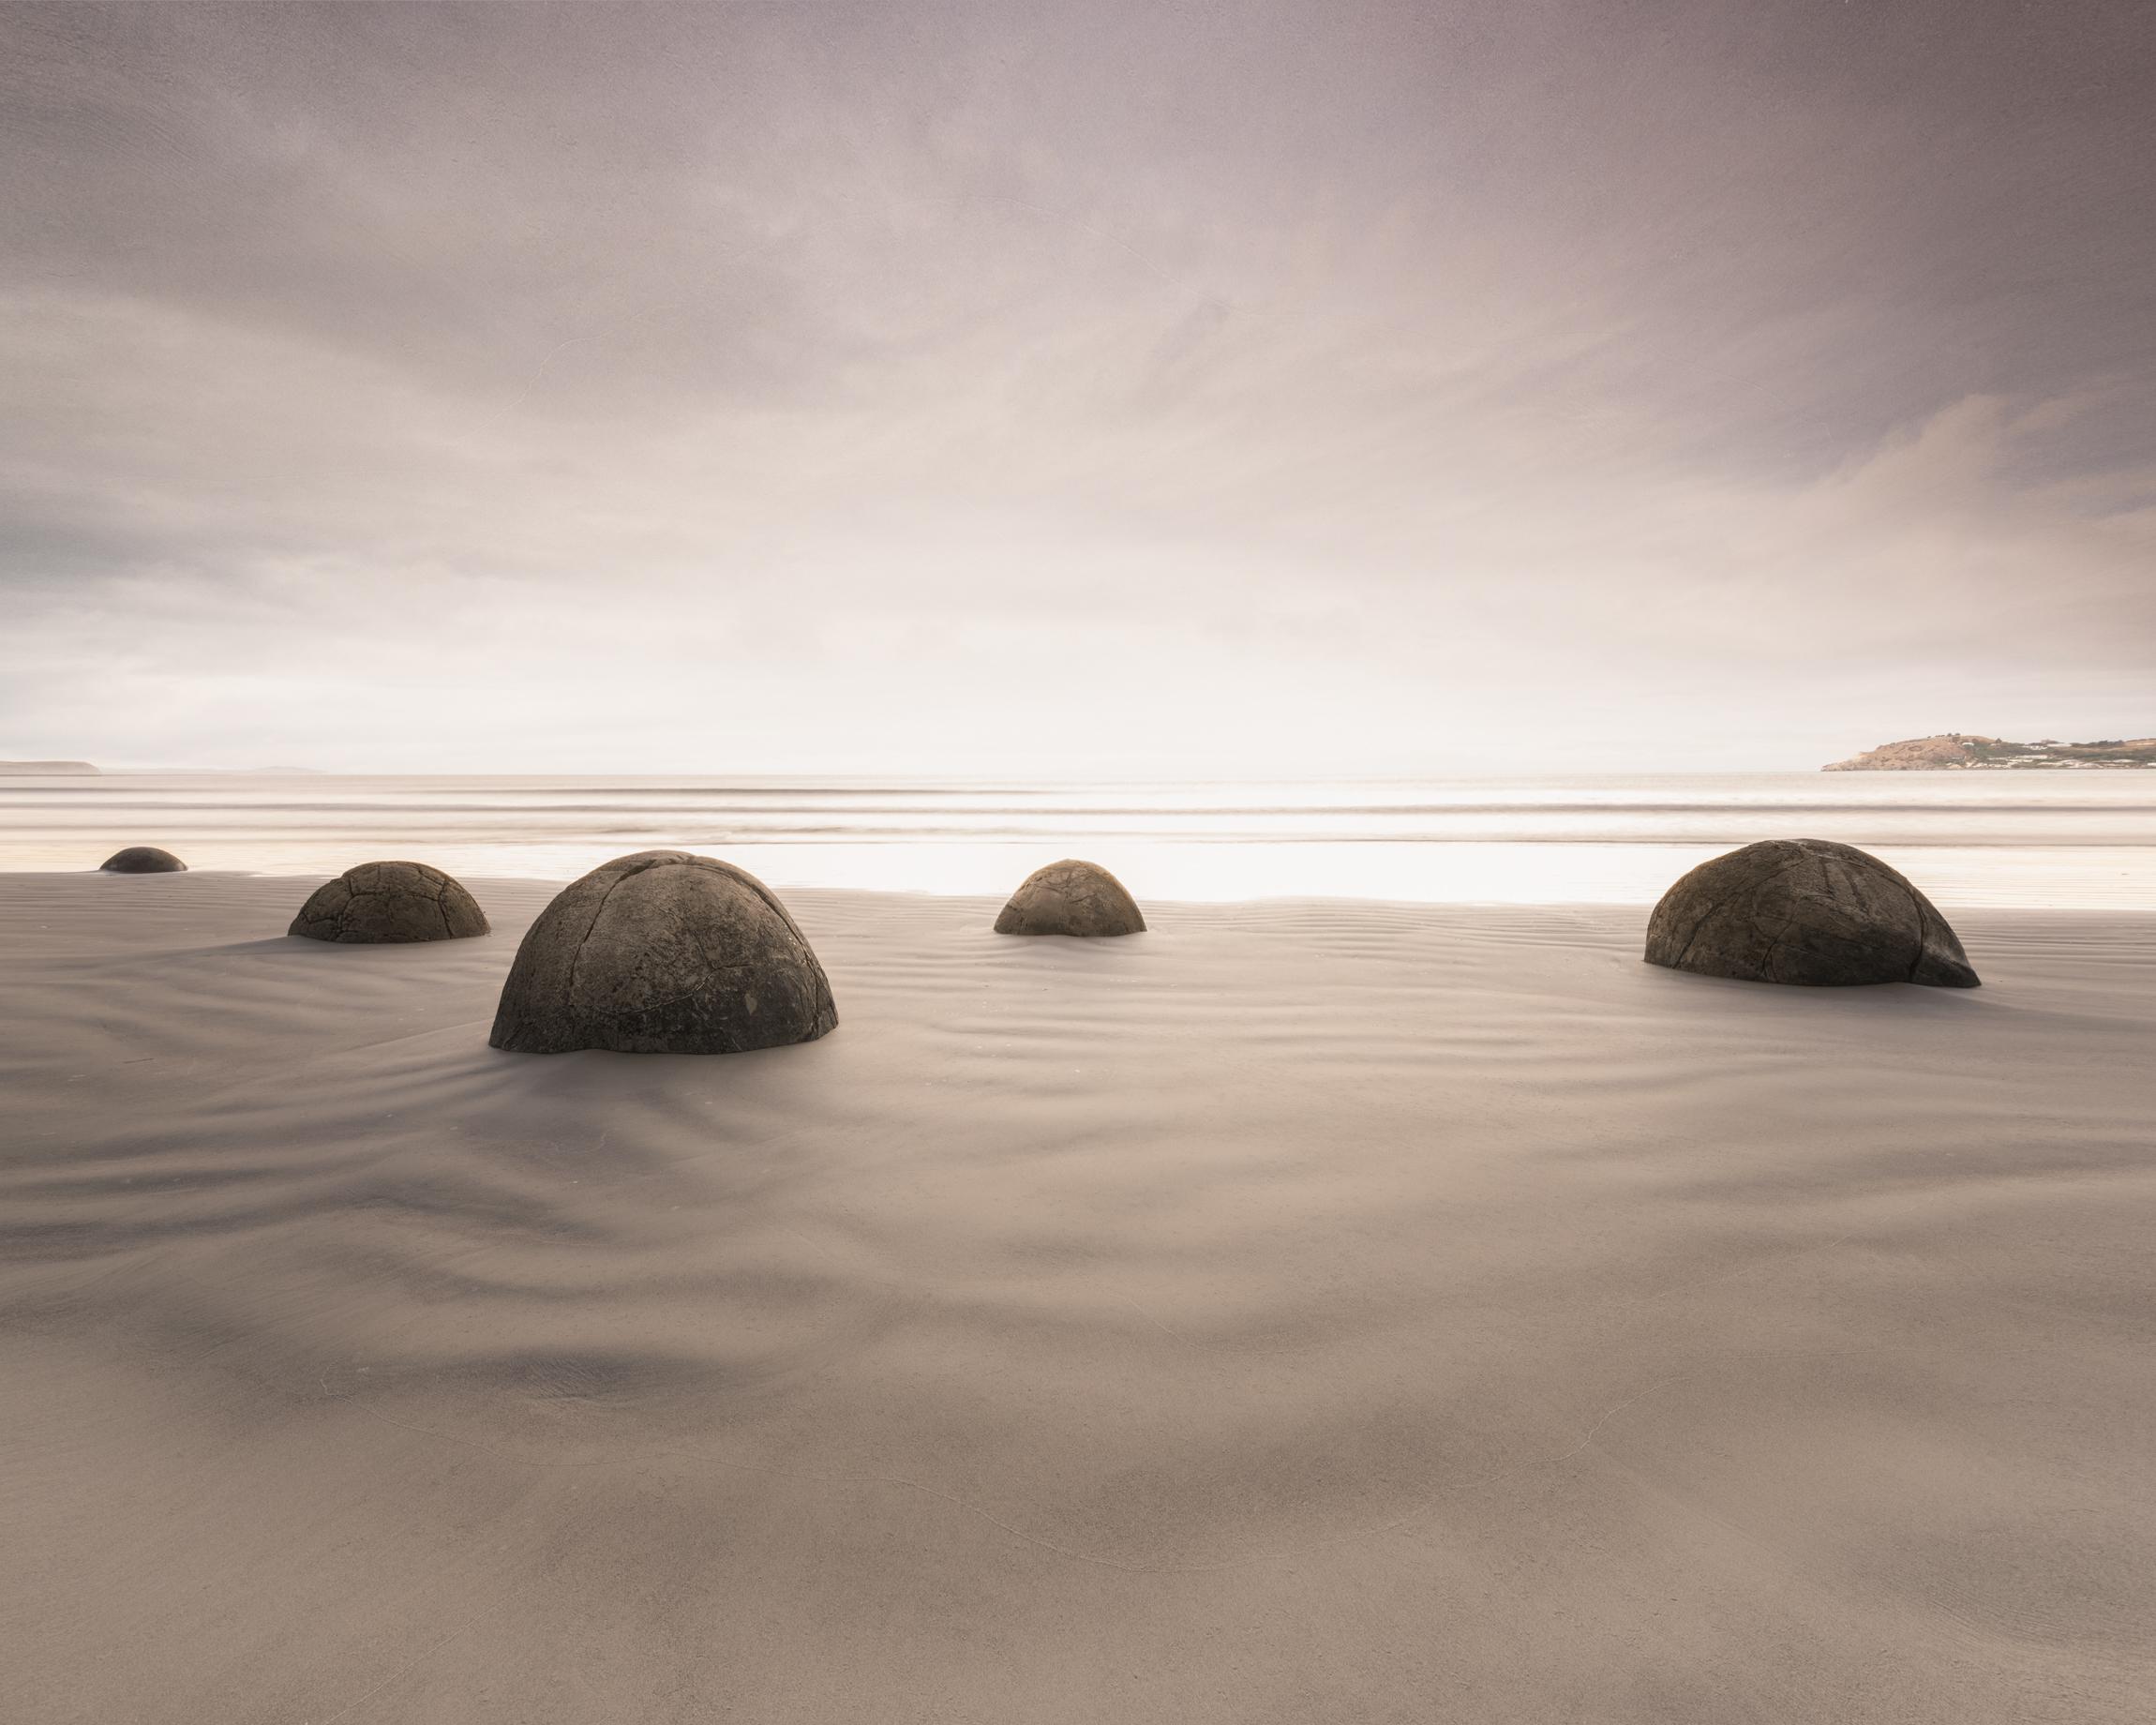 Seascape Category - Moeraki Boulders in New Zealand